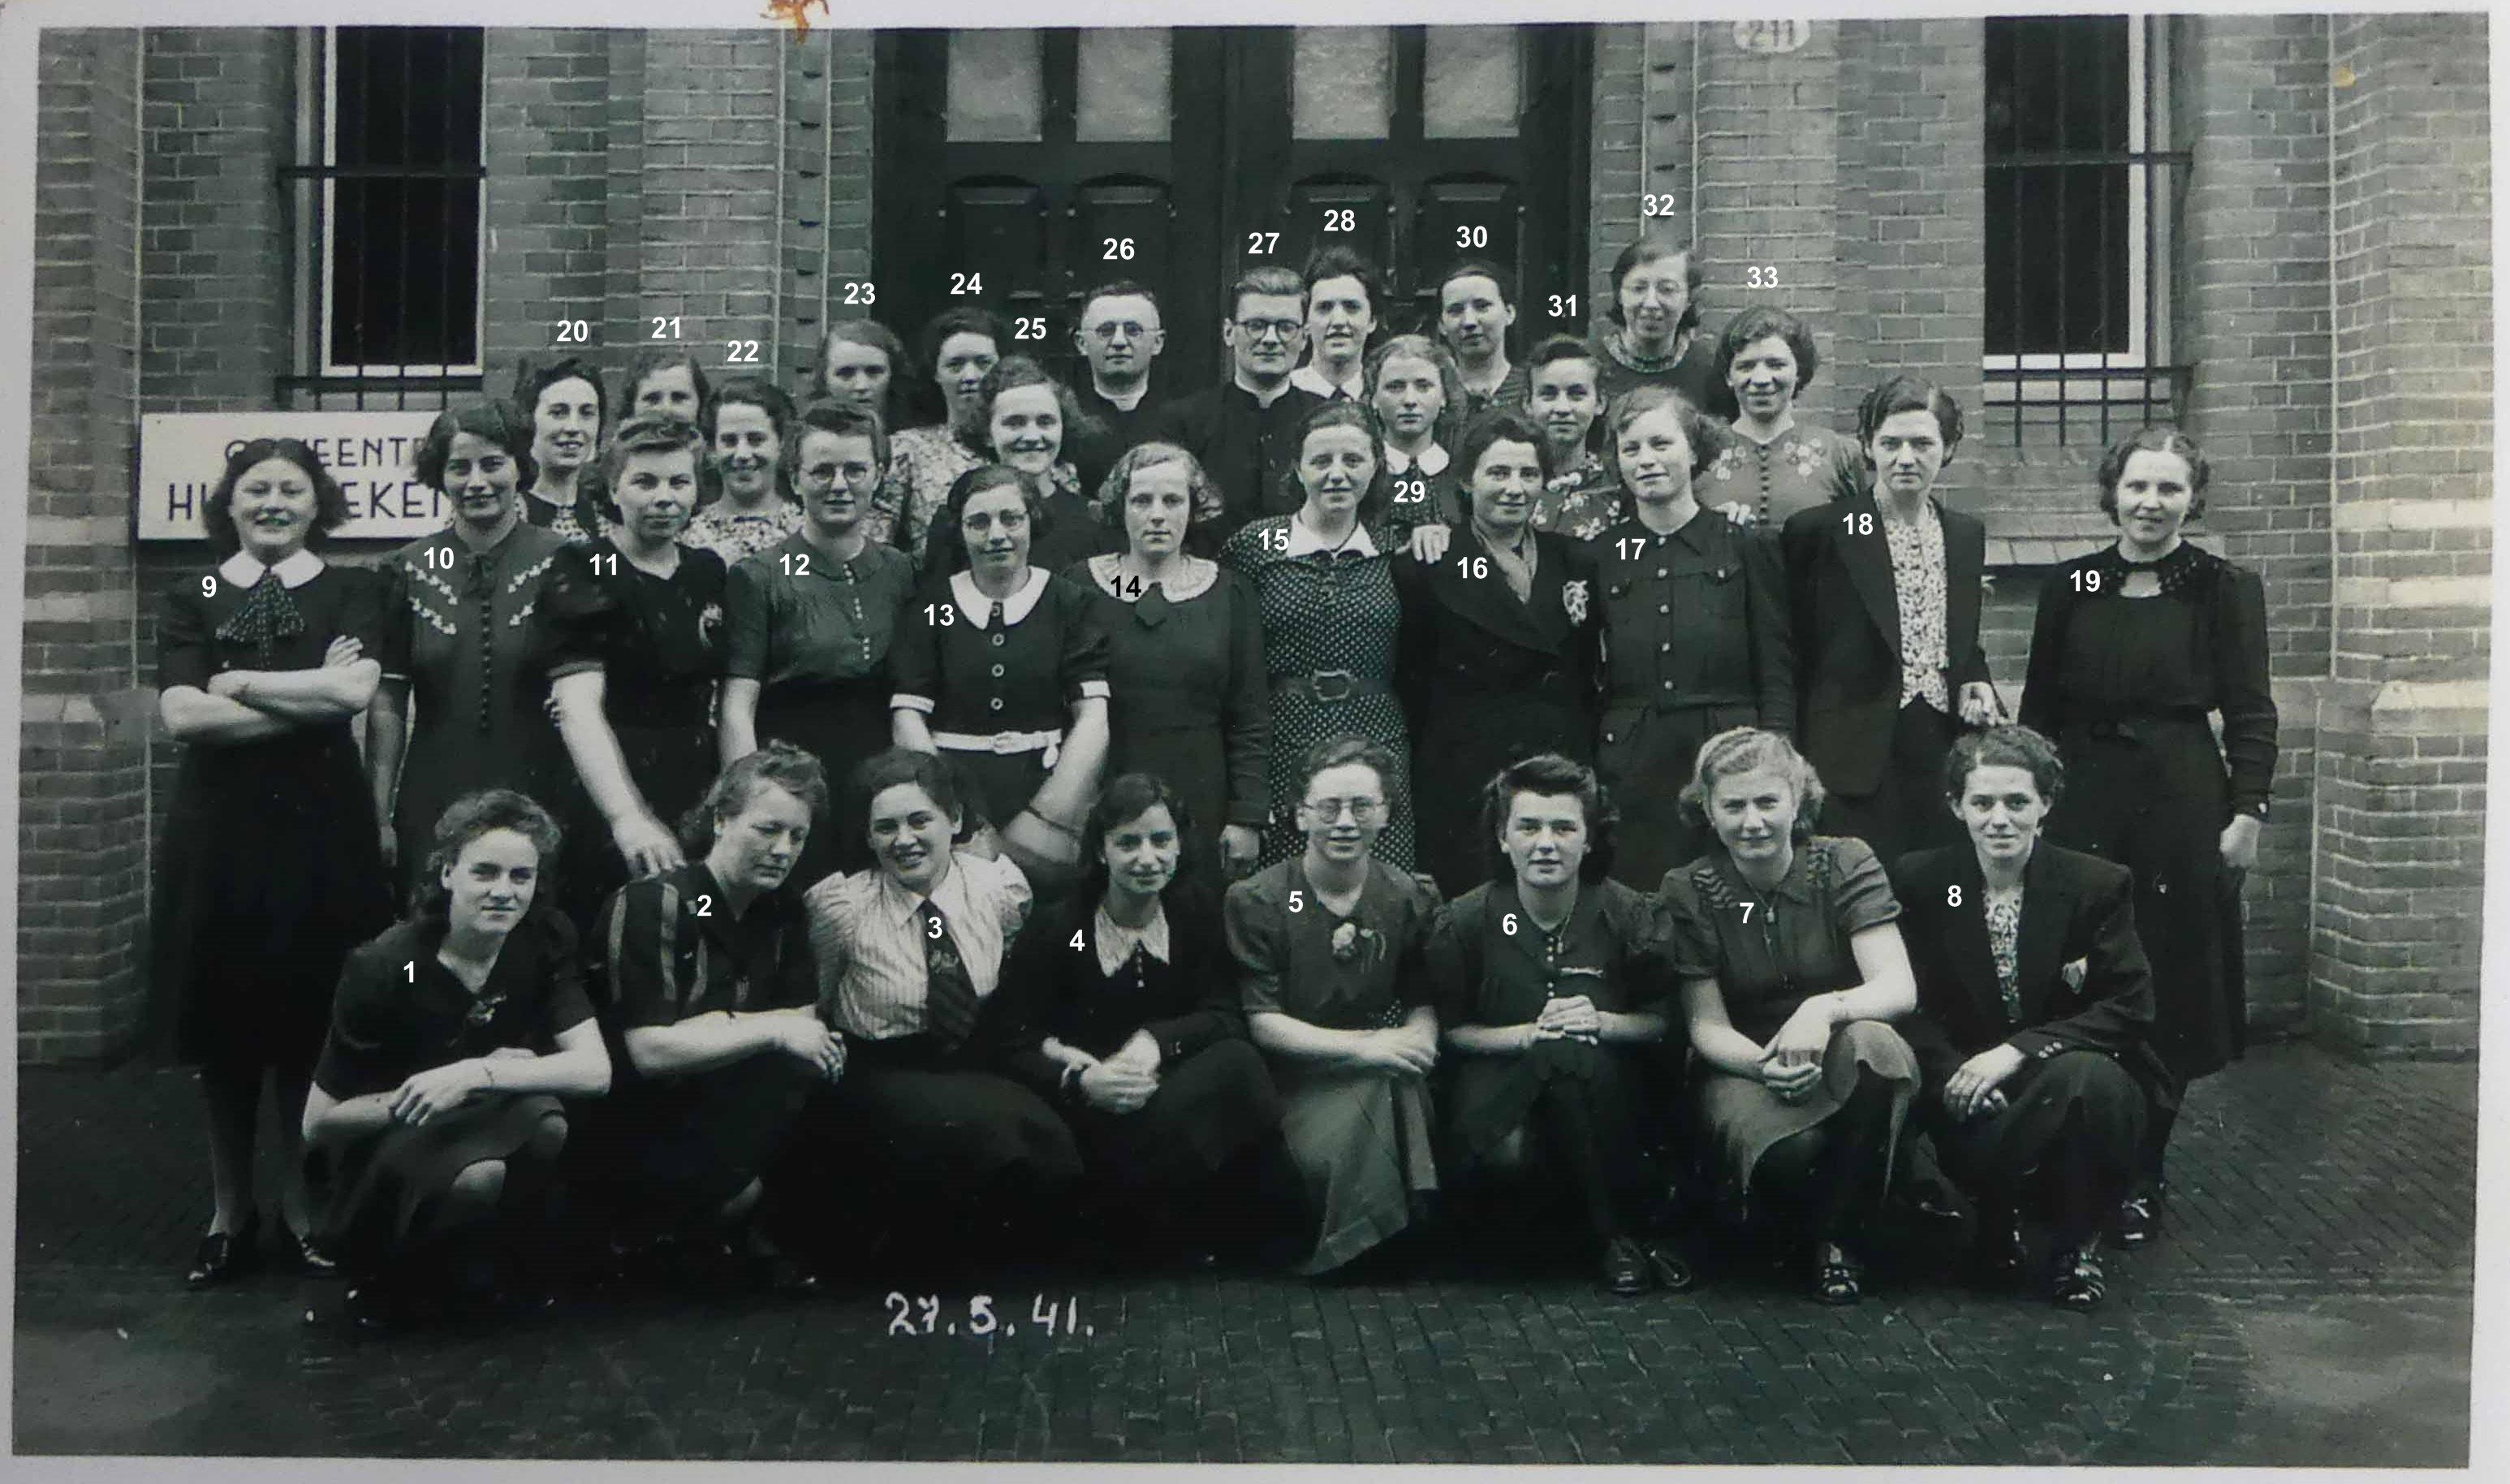 27 . 5 . 1941. Gestelse dames voor gebouw gemeente H….ekeI..